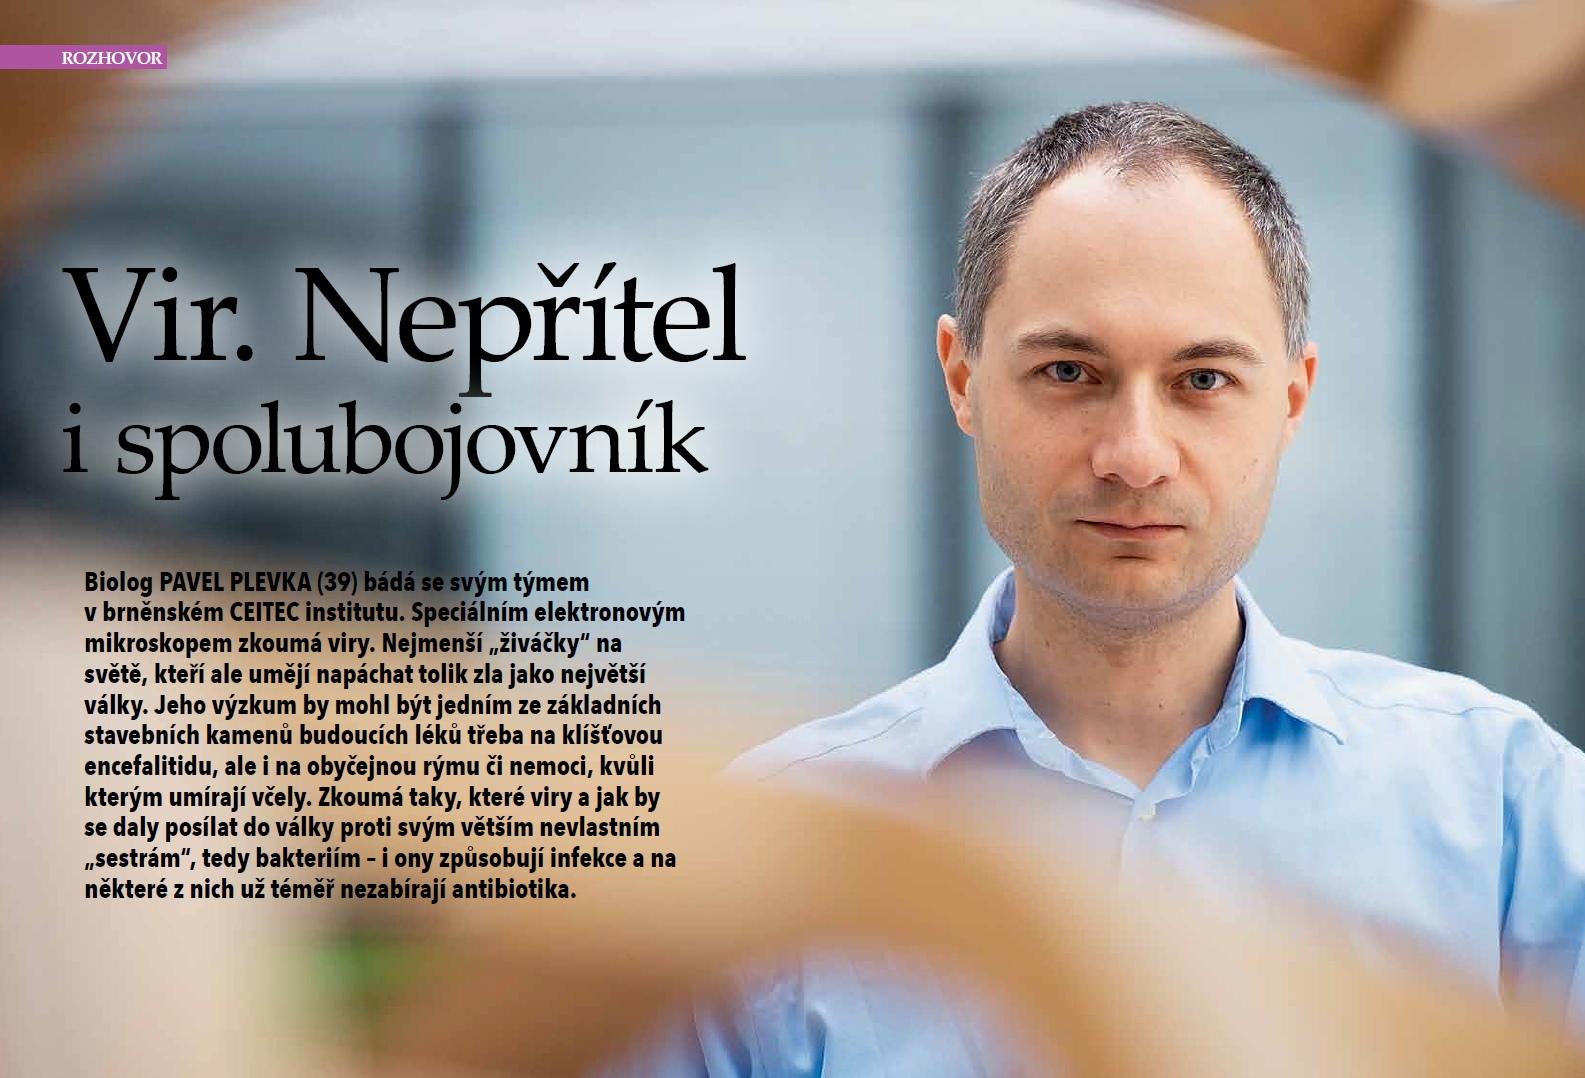 Pavel Plevka